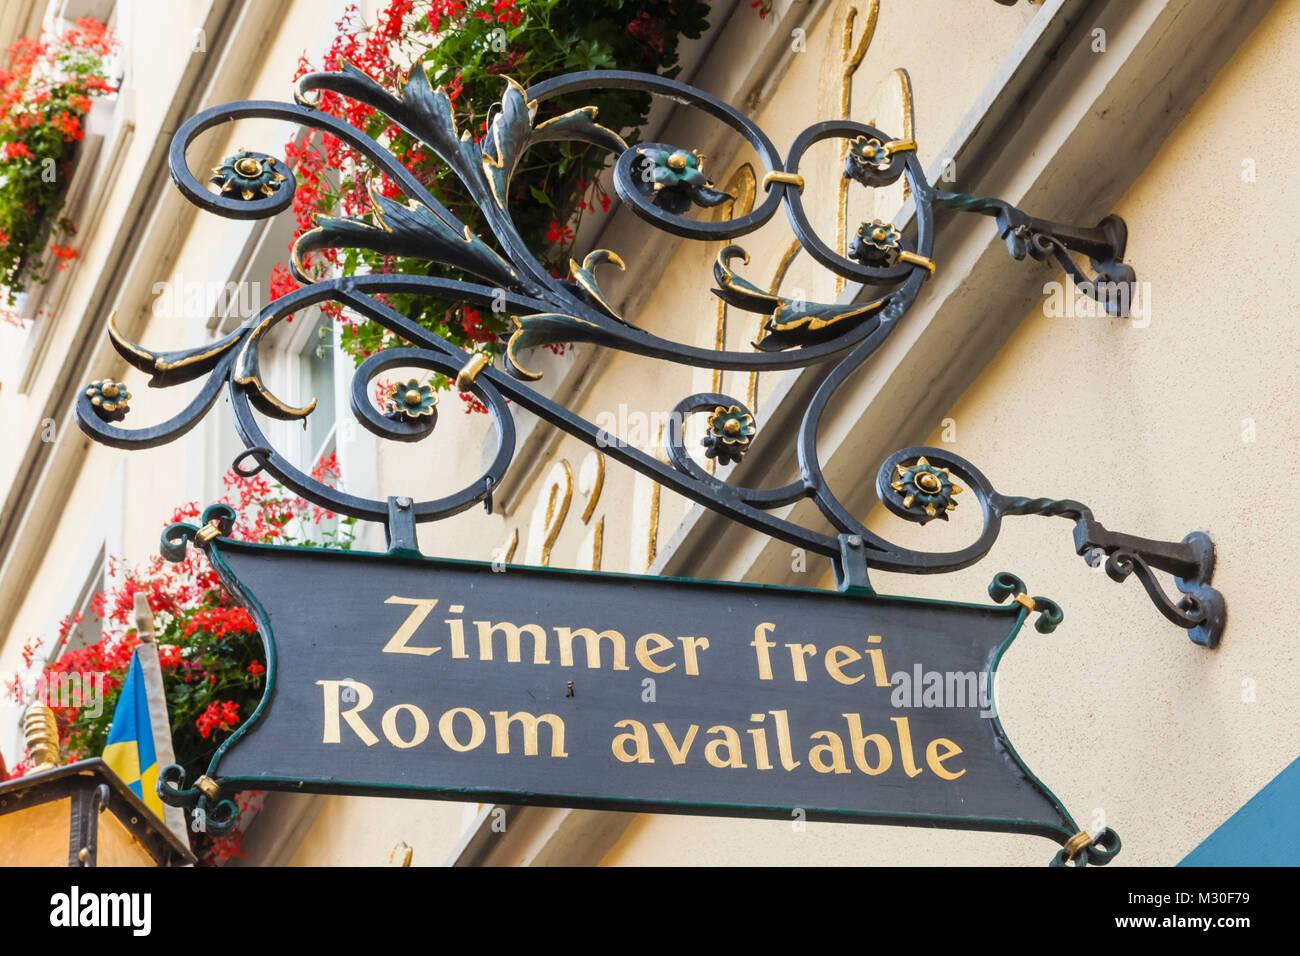 In Germania, in Baviera, la Strada Romantica, Rothenburg ob der Tauber, Hotel Zimmer Frei camera disponibile Sign Immagini Stock